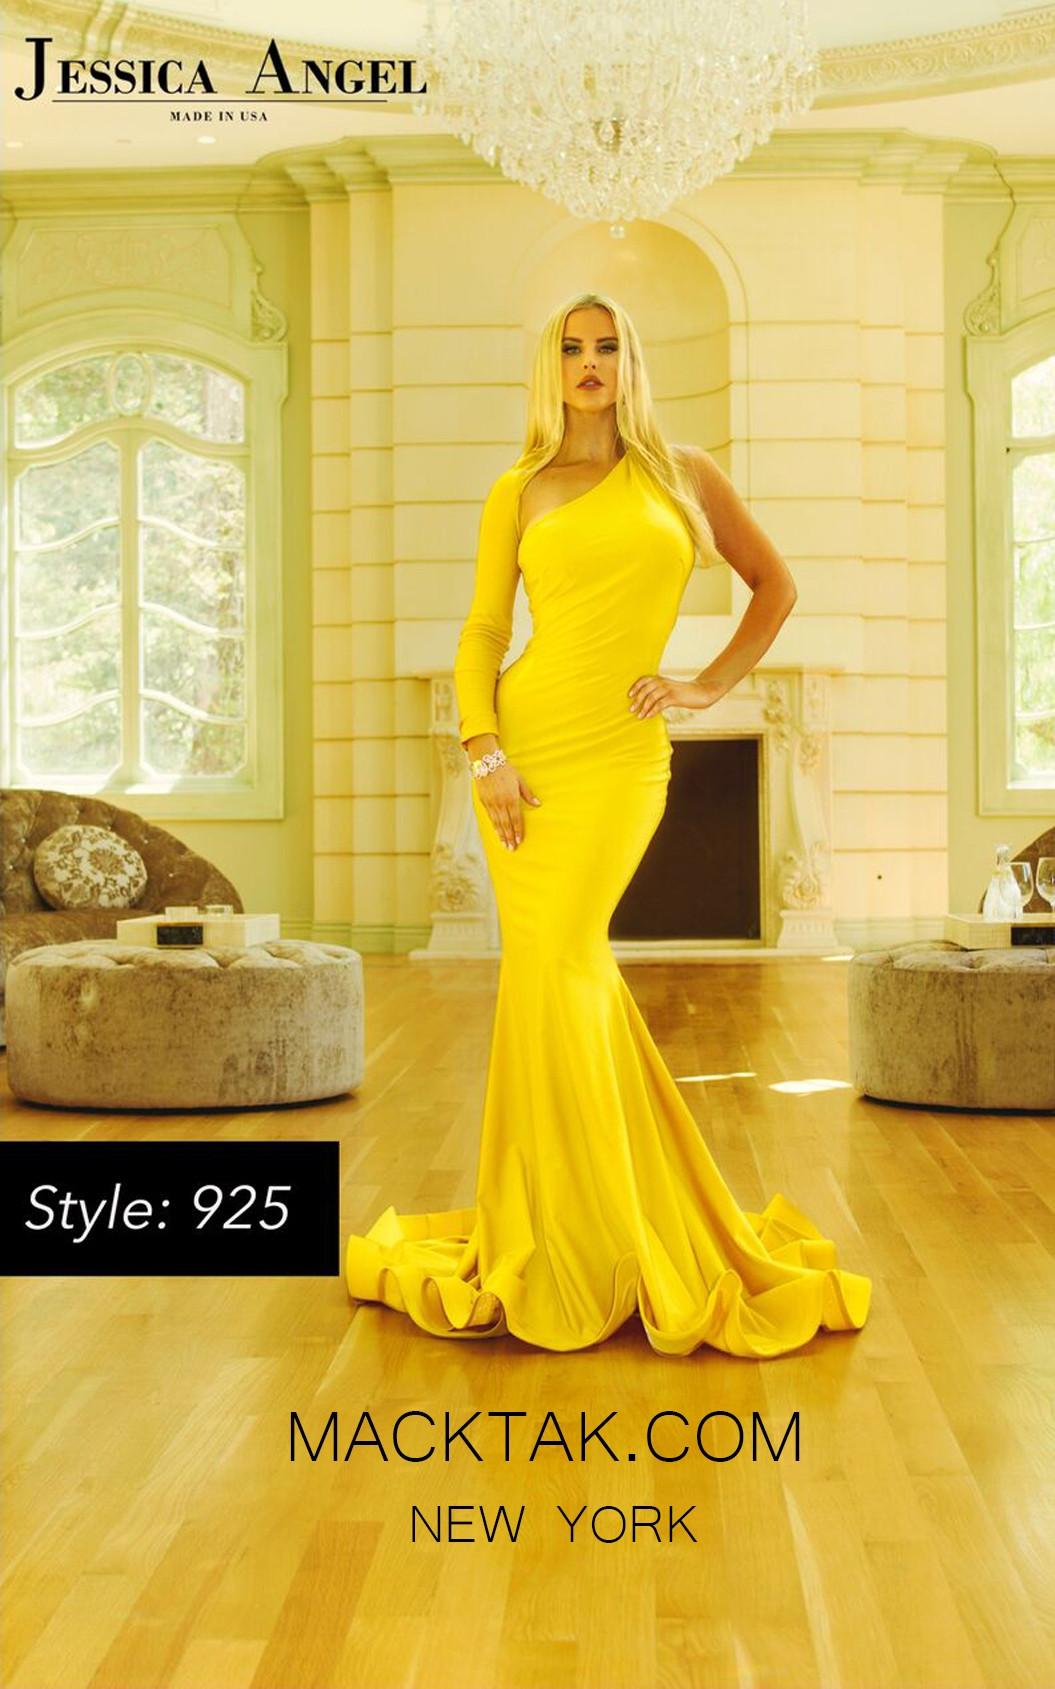 Jessica Angel 925 Dress